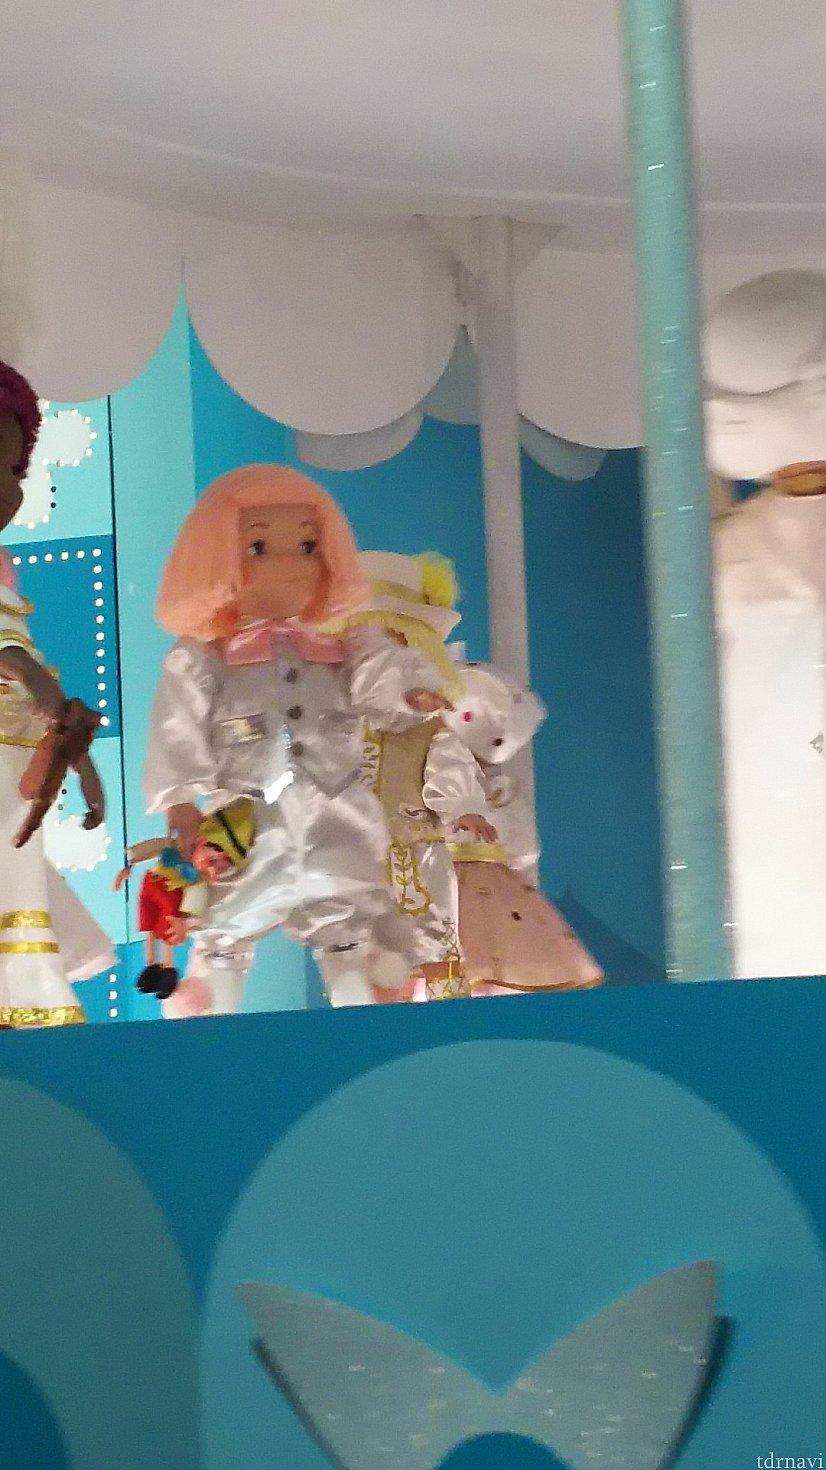 今もいるよ!ピノキオ人形をもった女の子フィピア!